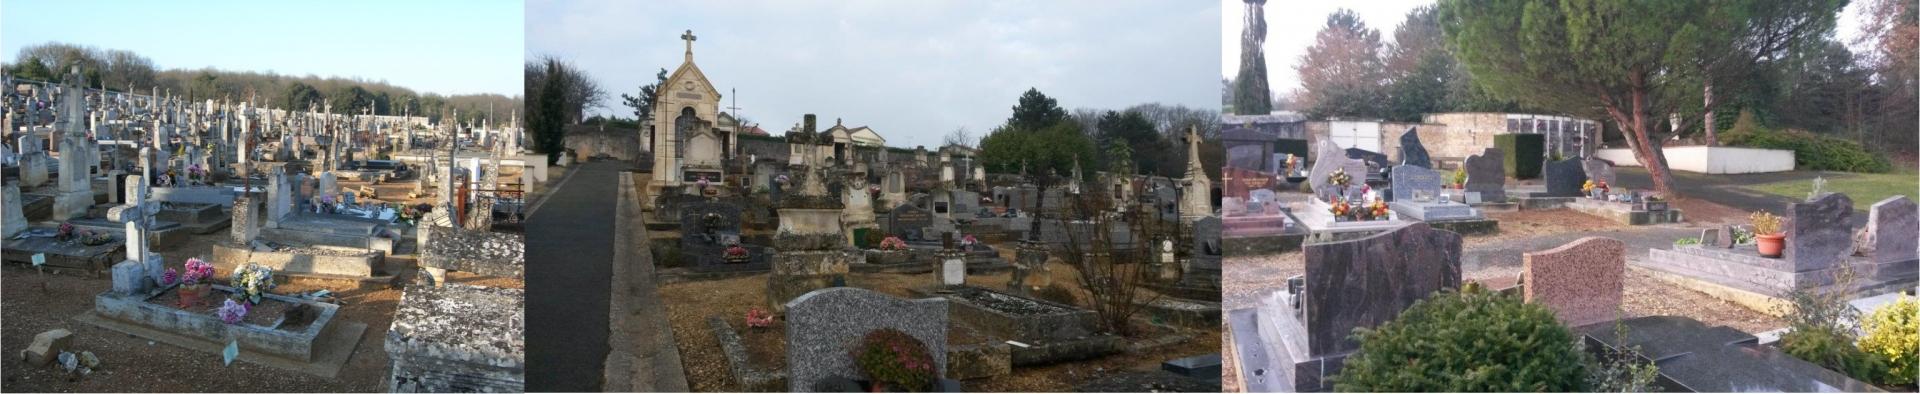 bandeau cimetière